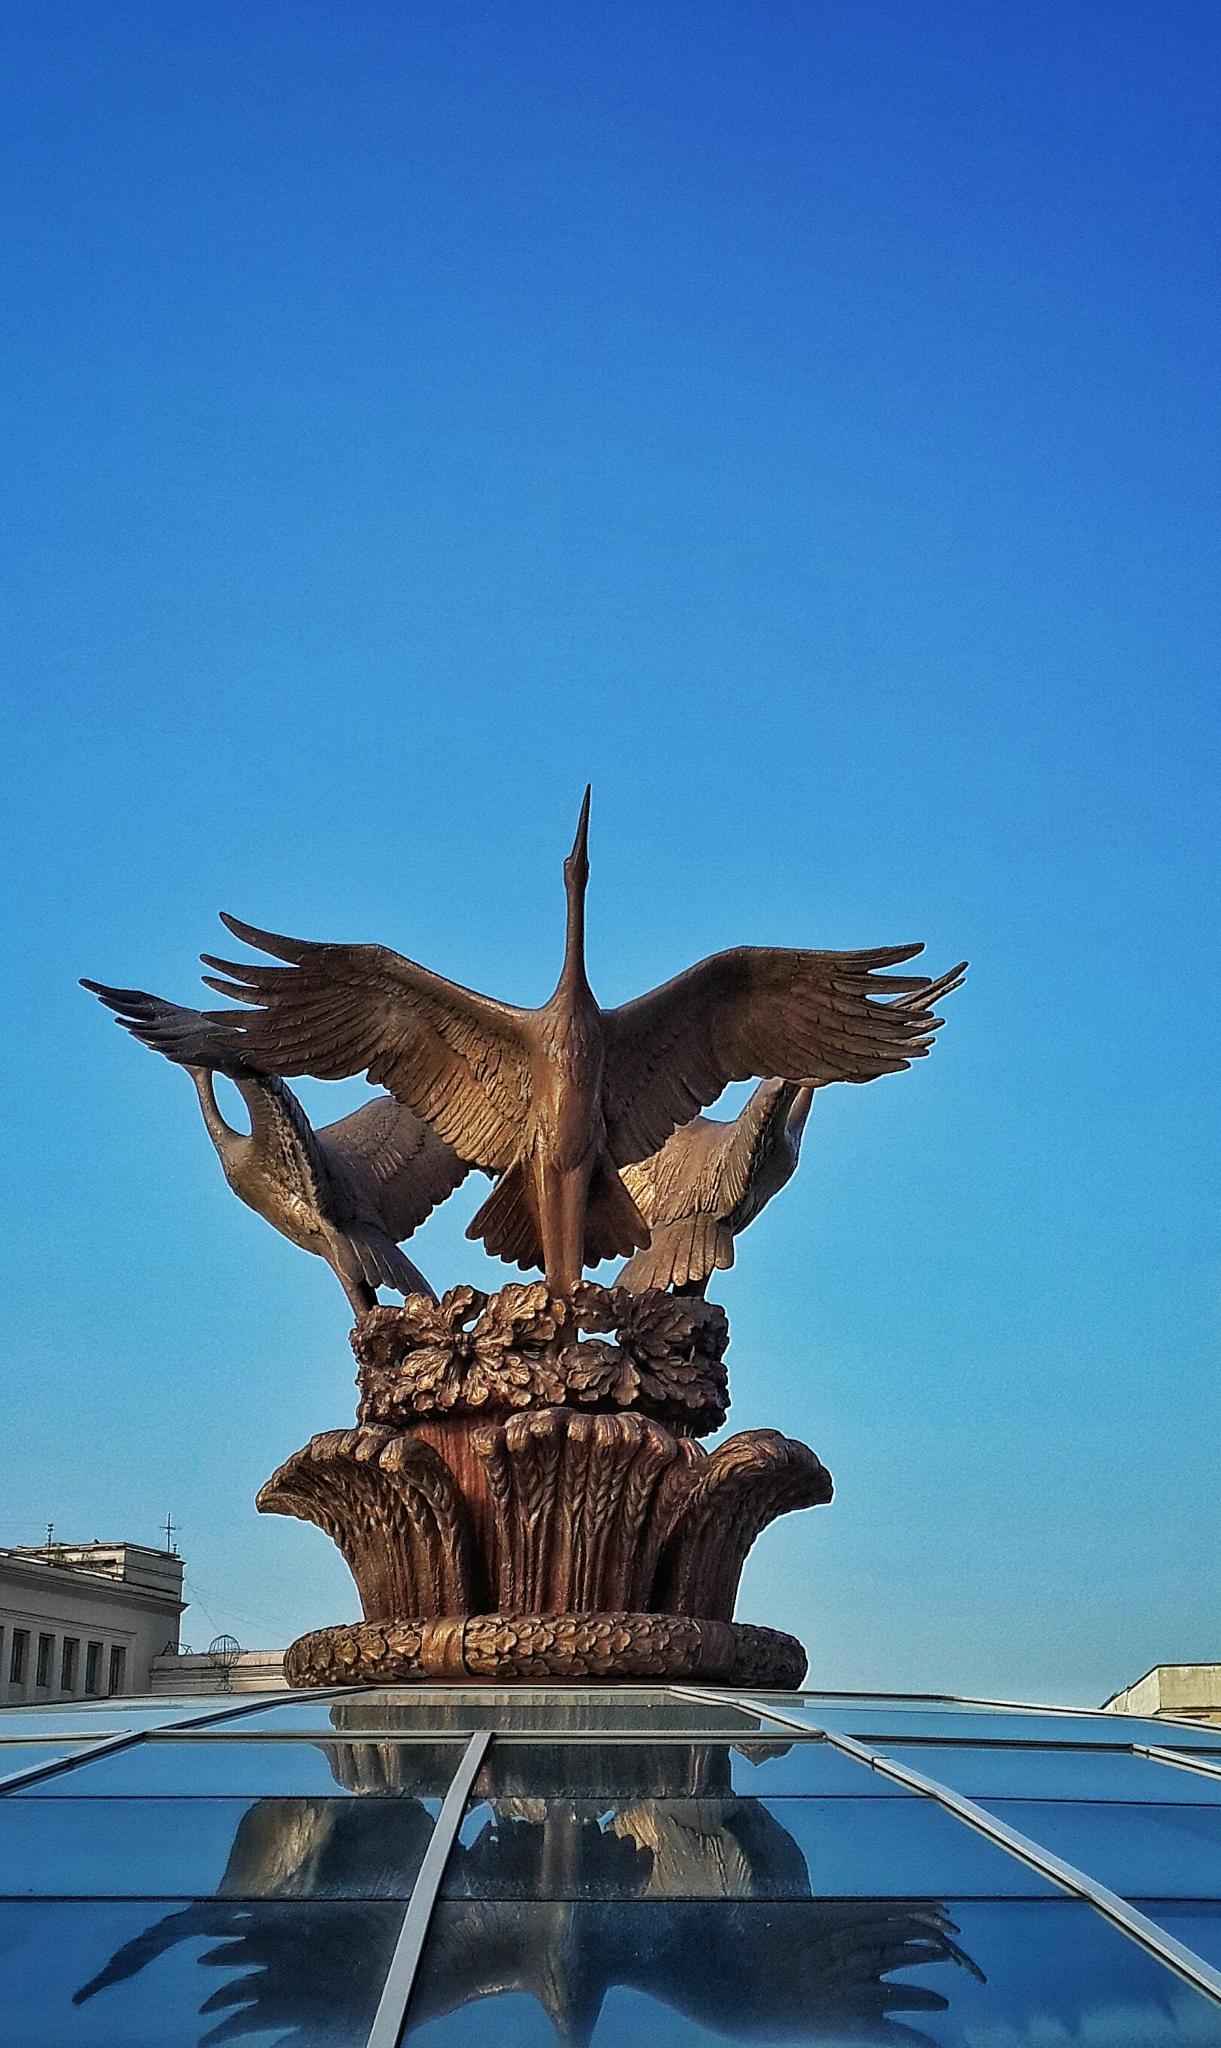 cranes by kozakovs